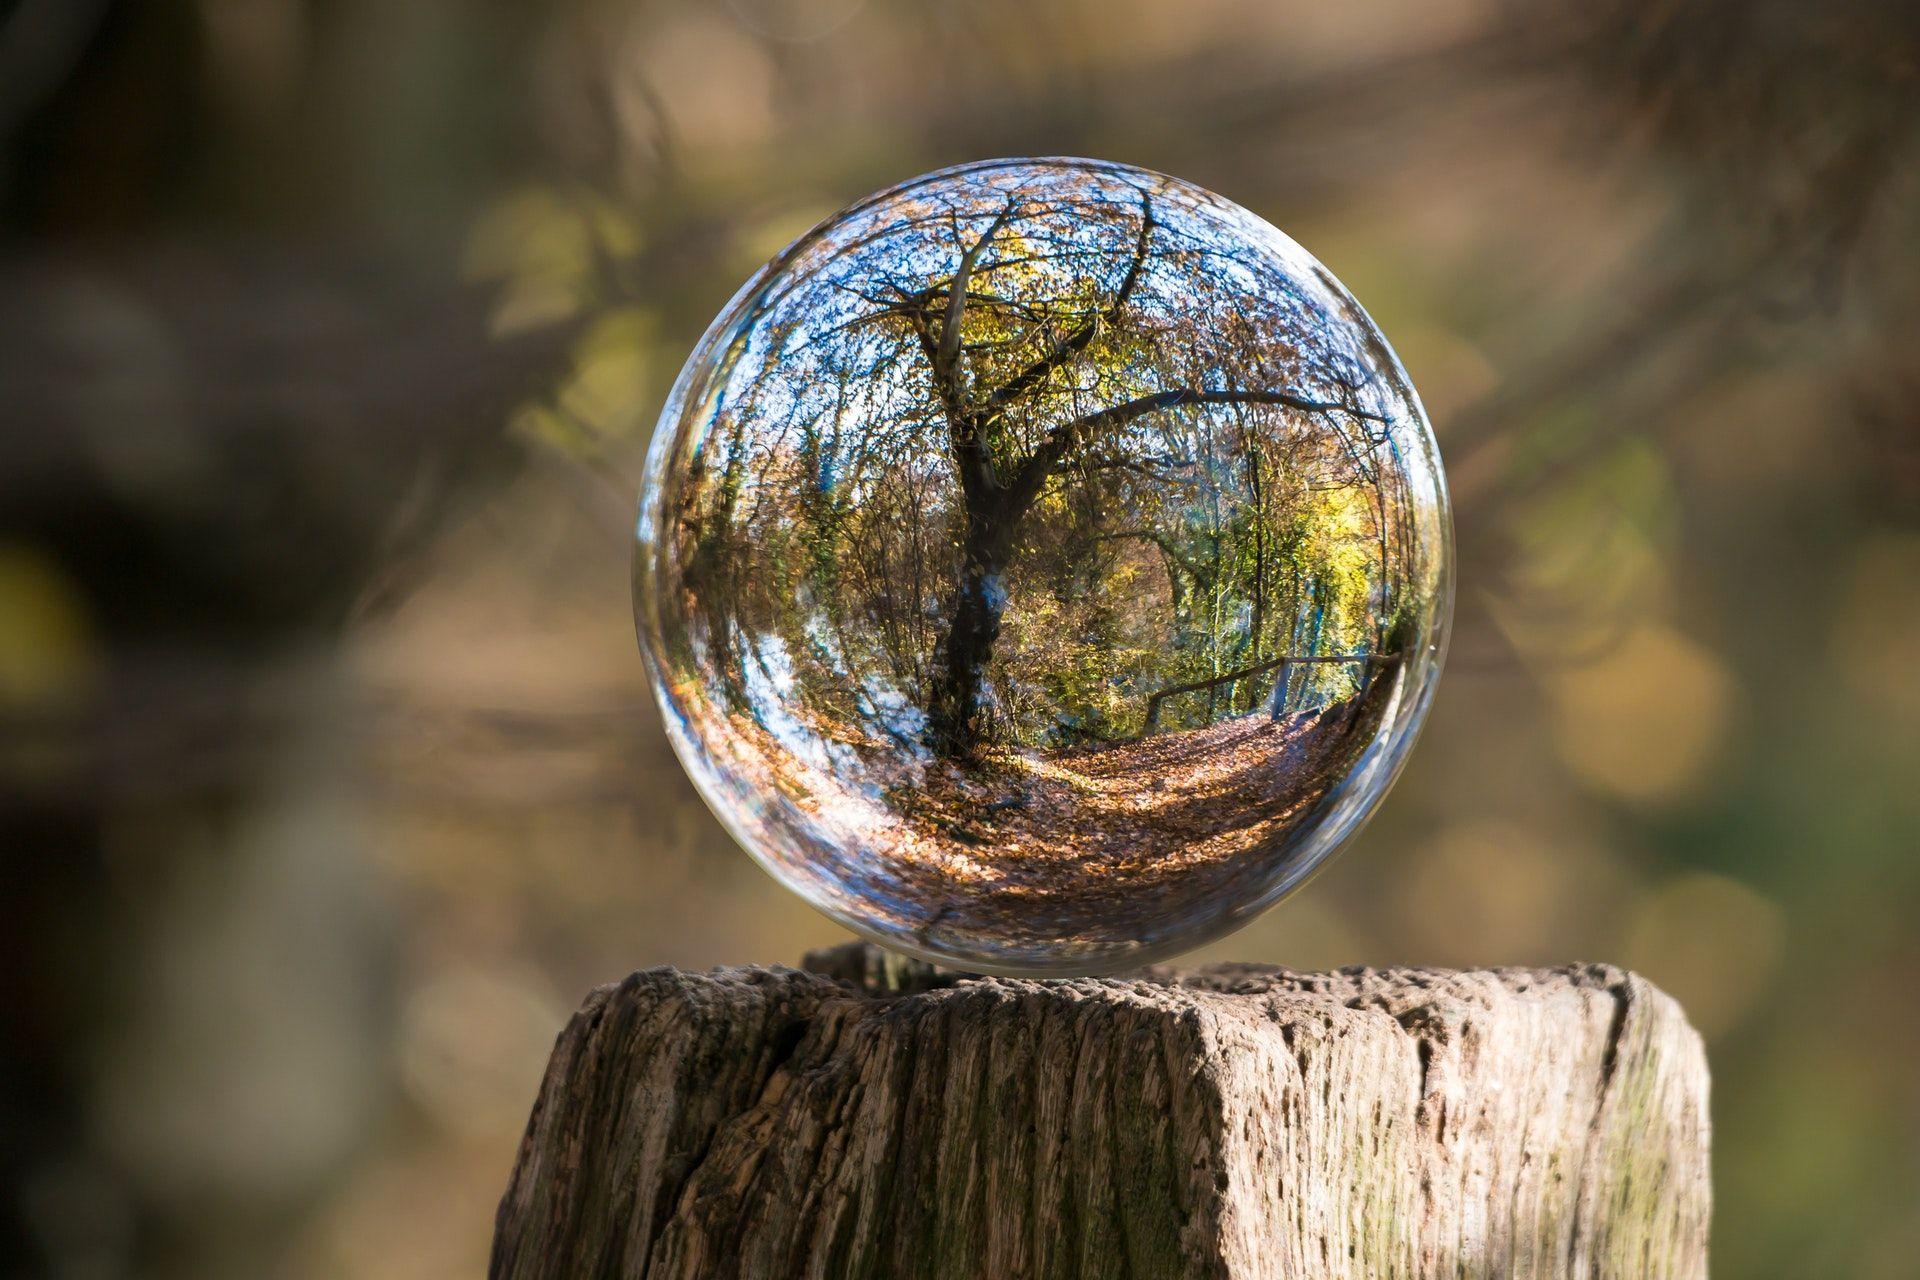 عکس زمینه درخت در حباب پس زمینه